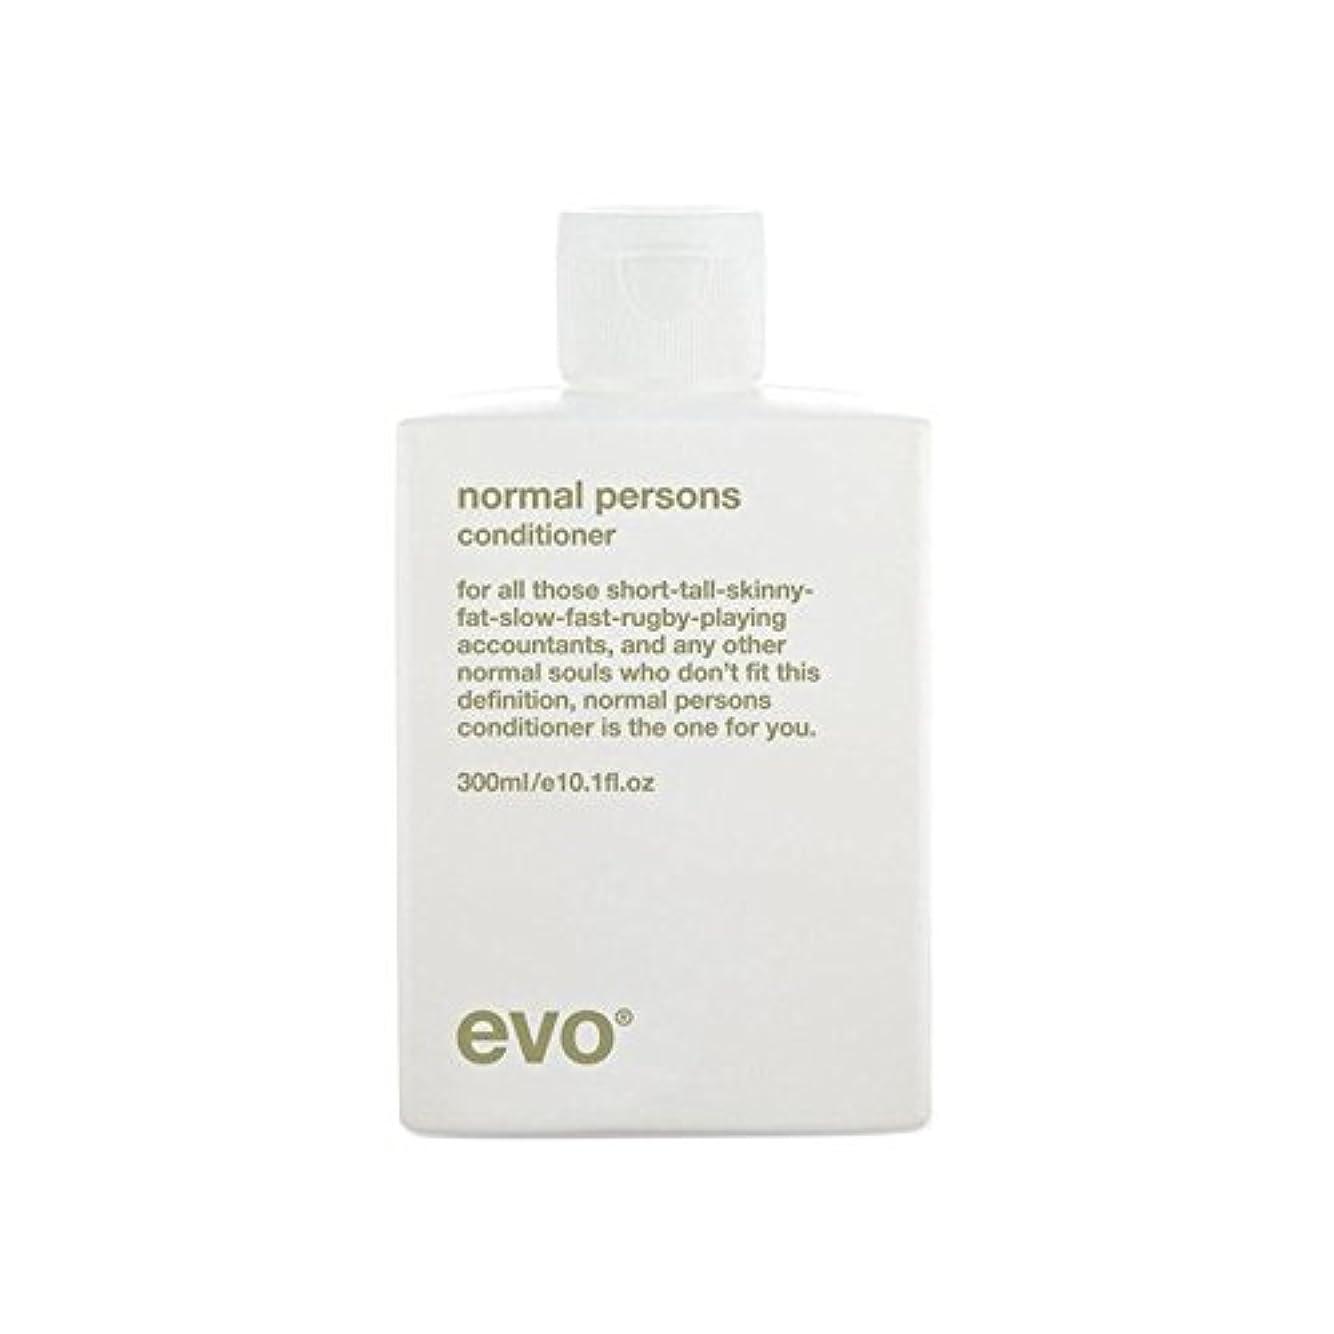 フェロー諸島安定したふけるエボ正常人コンディショナー(300ミリリットル) x4 - Evo Normal Persons Conditioner (300ml) (Pack of 4) [並行輸入品]